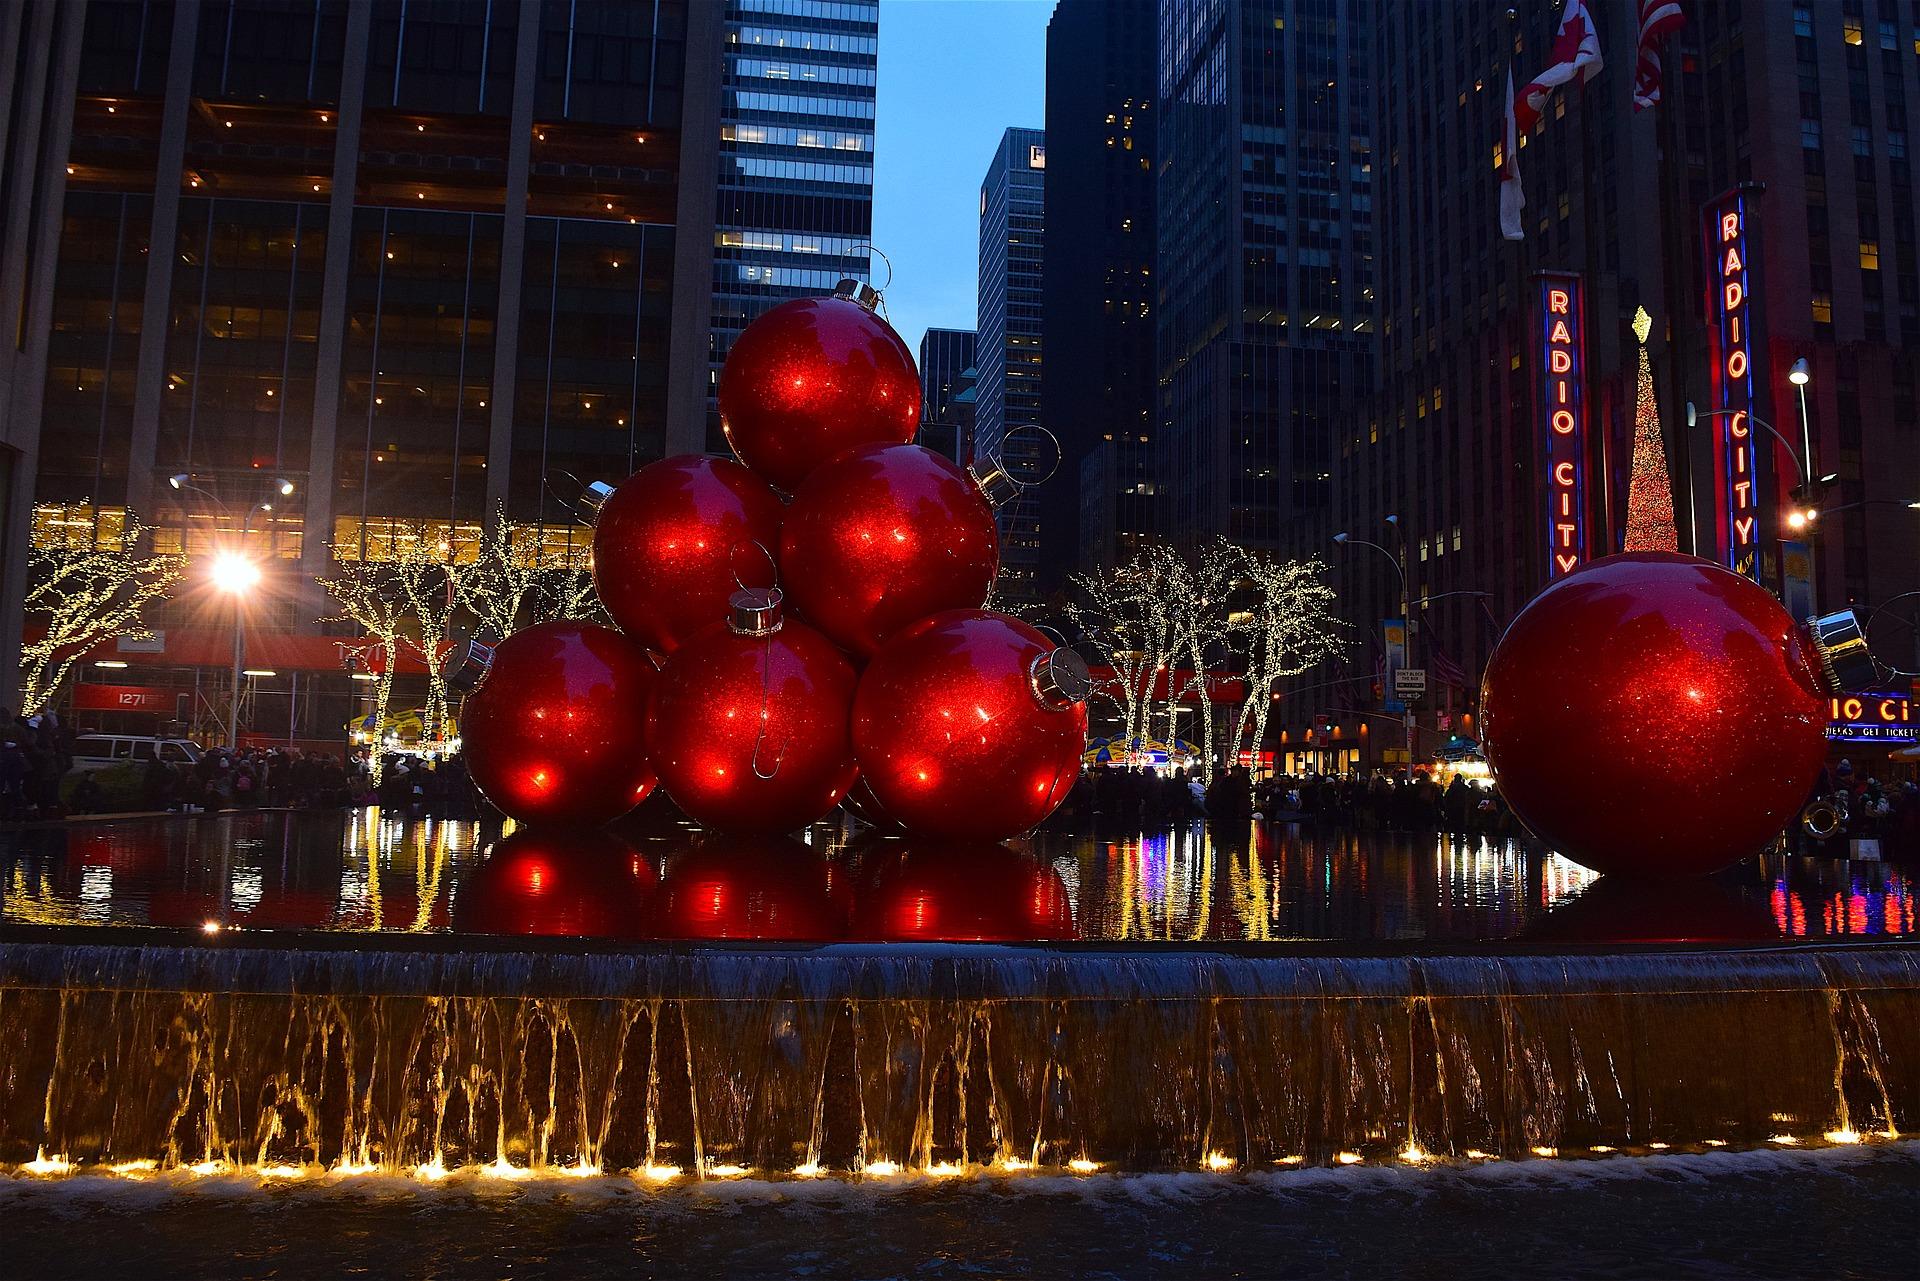 Accensione albero di natale a New York 2019